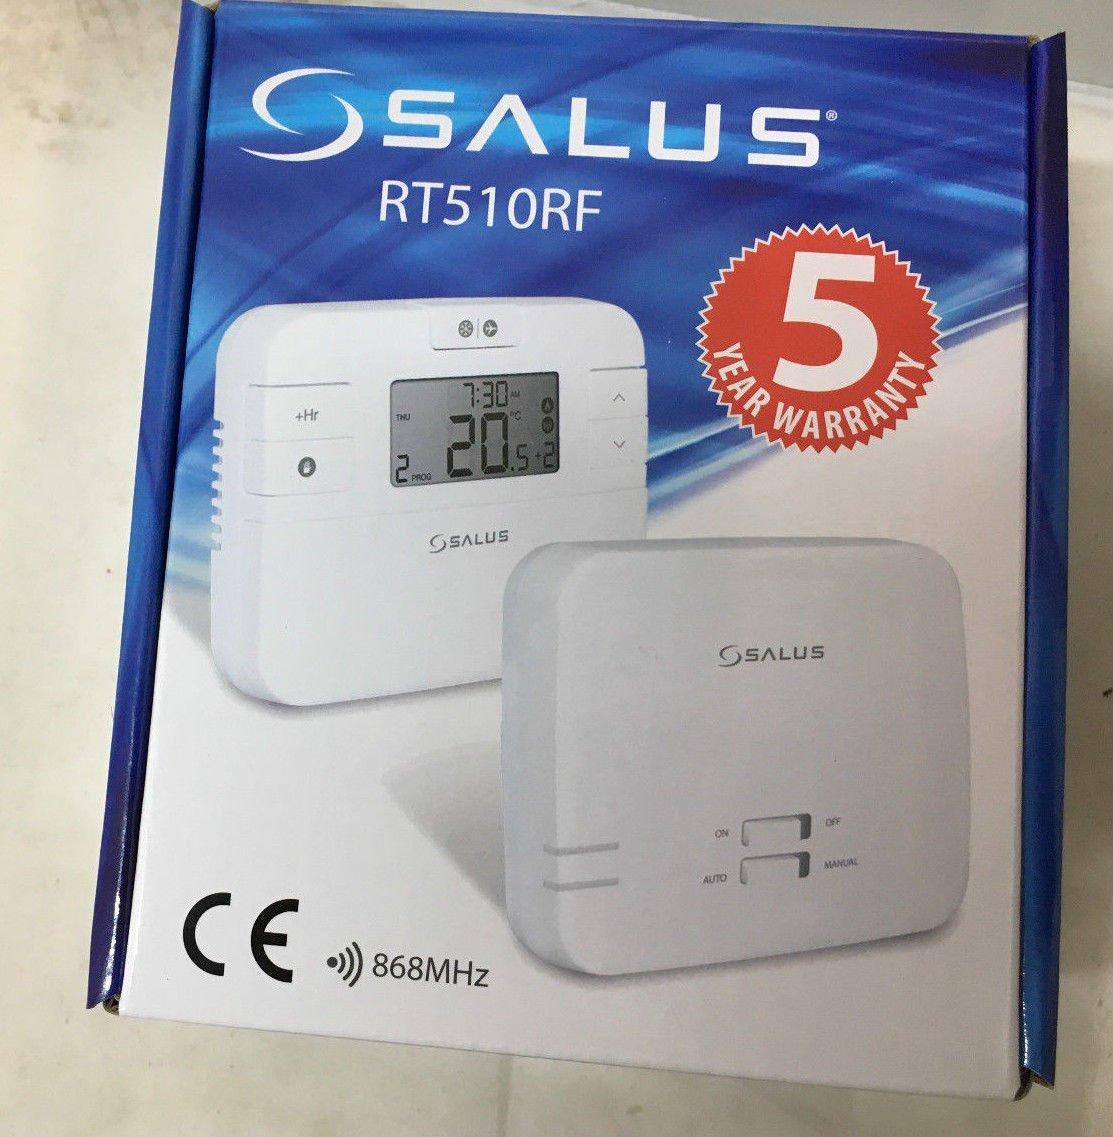 Termostato digital de la marca Salus, RT510RF, con radio frecuencia, inalámbrico, con receptor, repuesto directo para RT500RF: Amazon.es: Bricolaje y ...